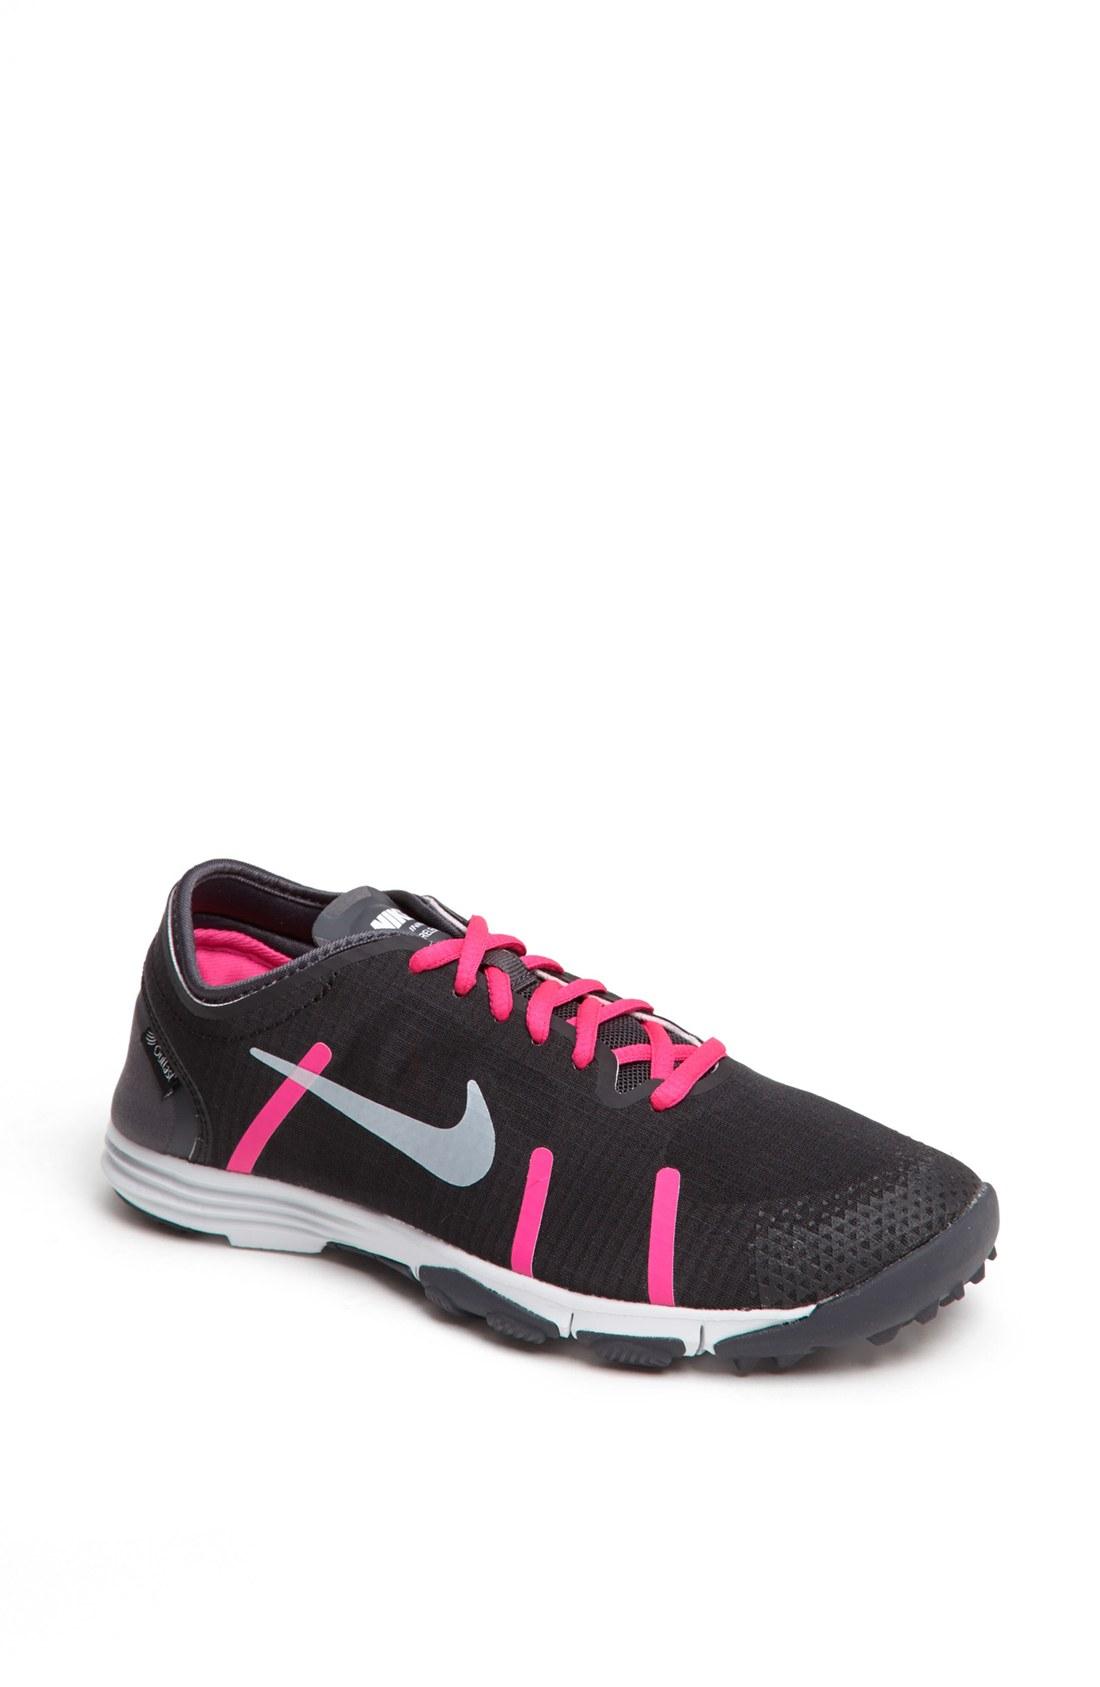 nike lunarelement shoe in pink black pink